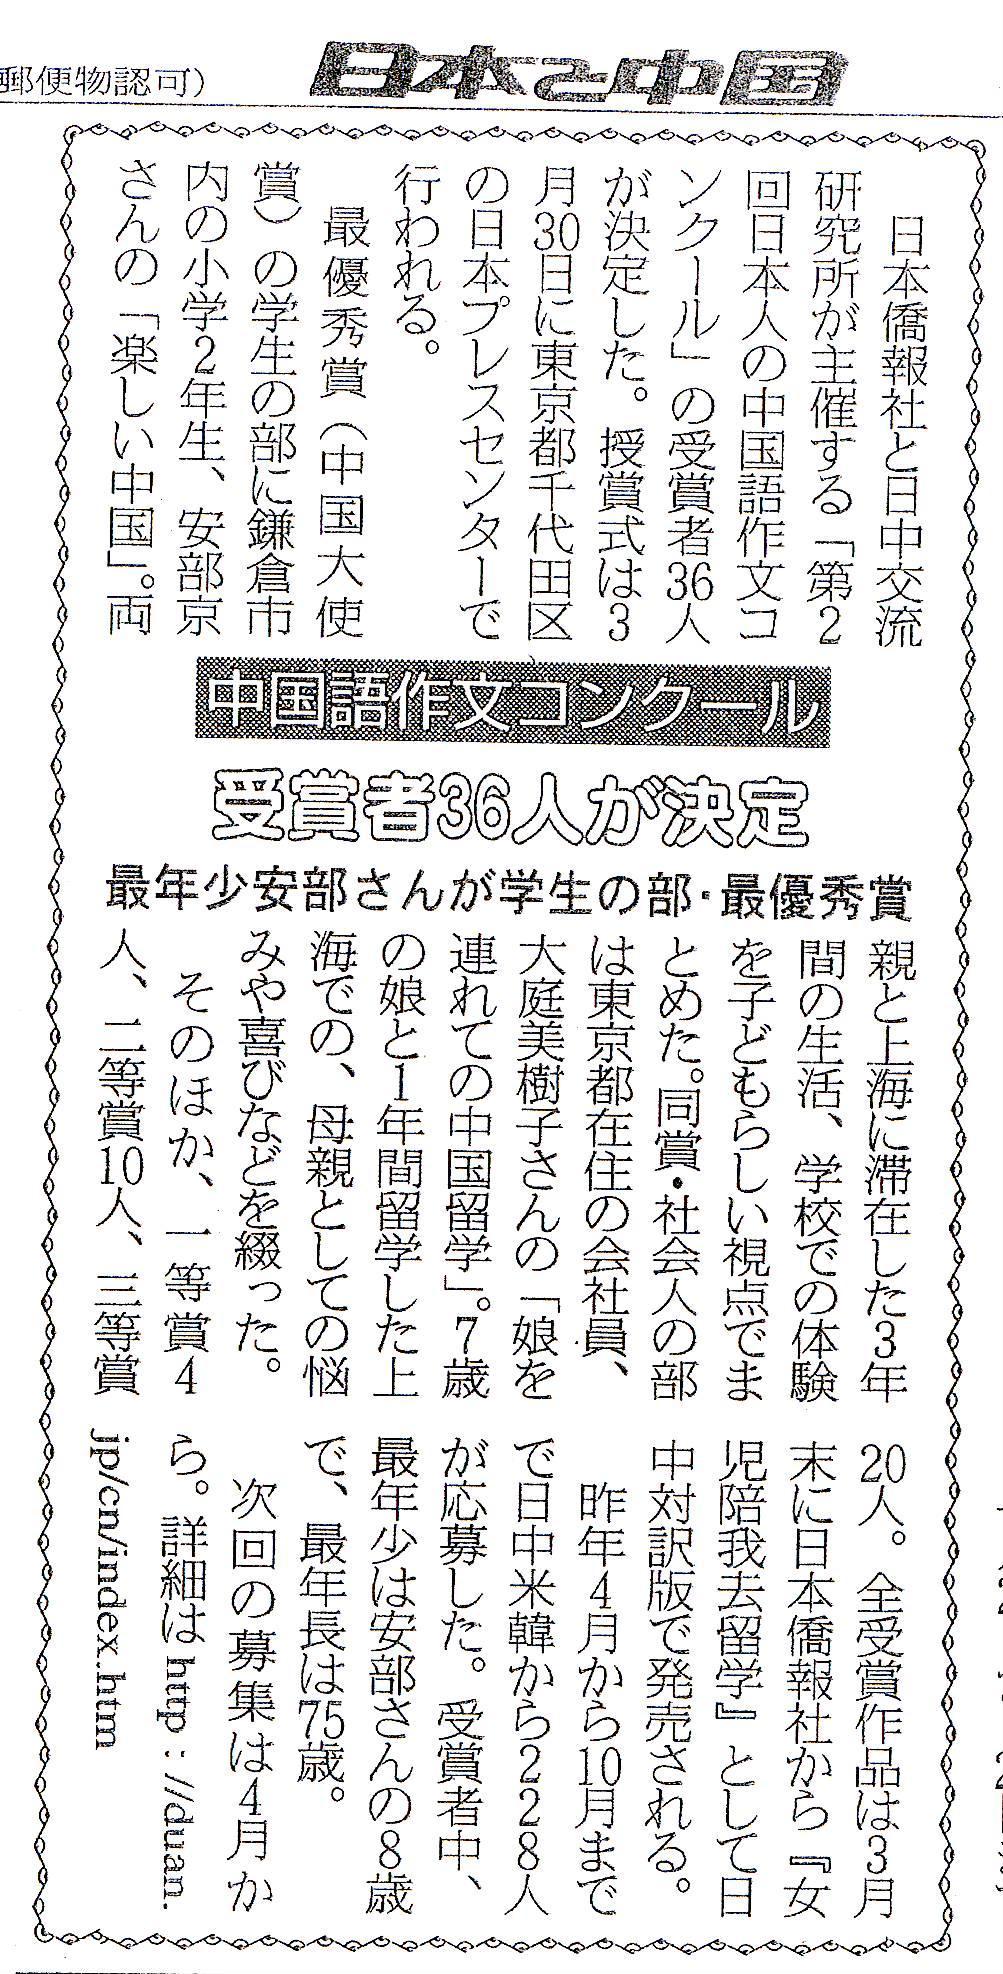 日中友好協会機関紙「日本と中国」 中国語作文コンクール受賞者決定を報道_d0027795_12464215.jpg